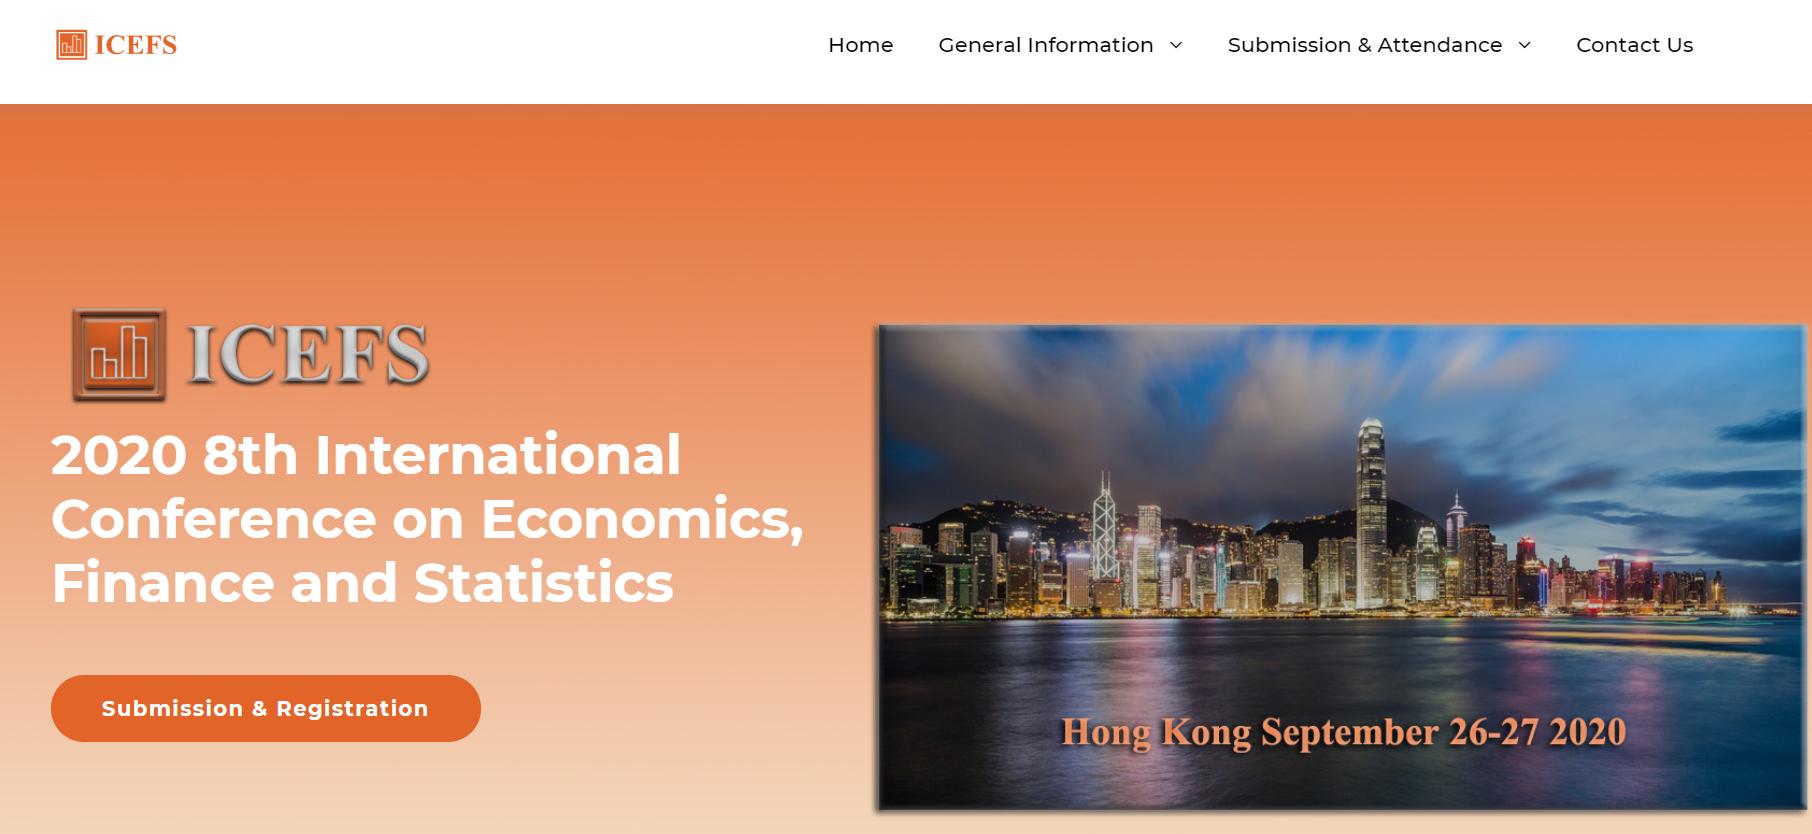 2020 8th International Conference on Economics, Finance and Statistics, Hong Kong, Hong Kong